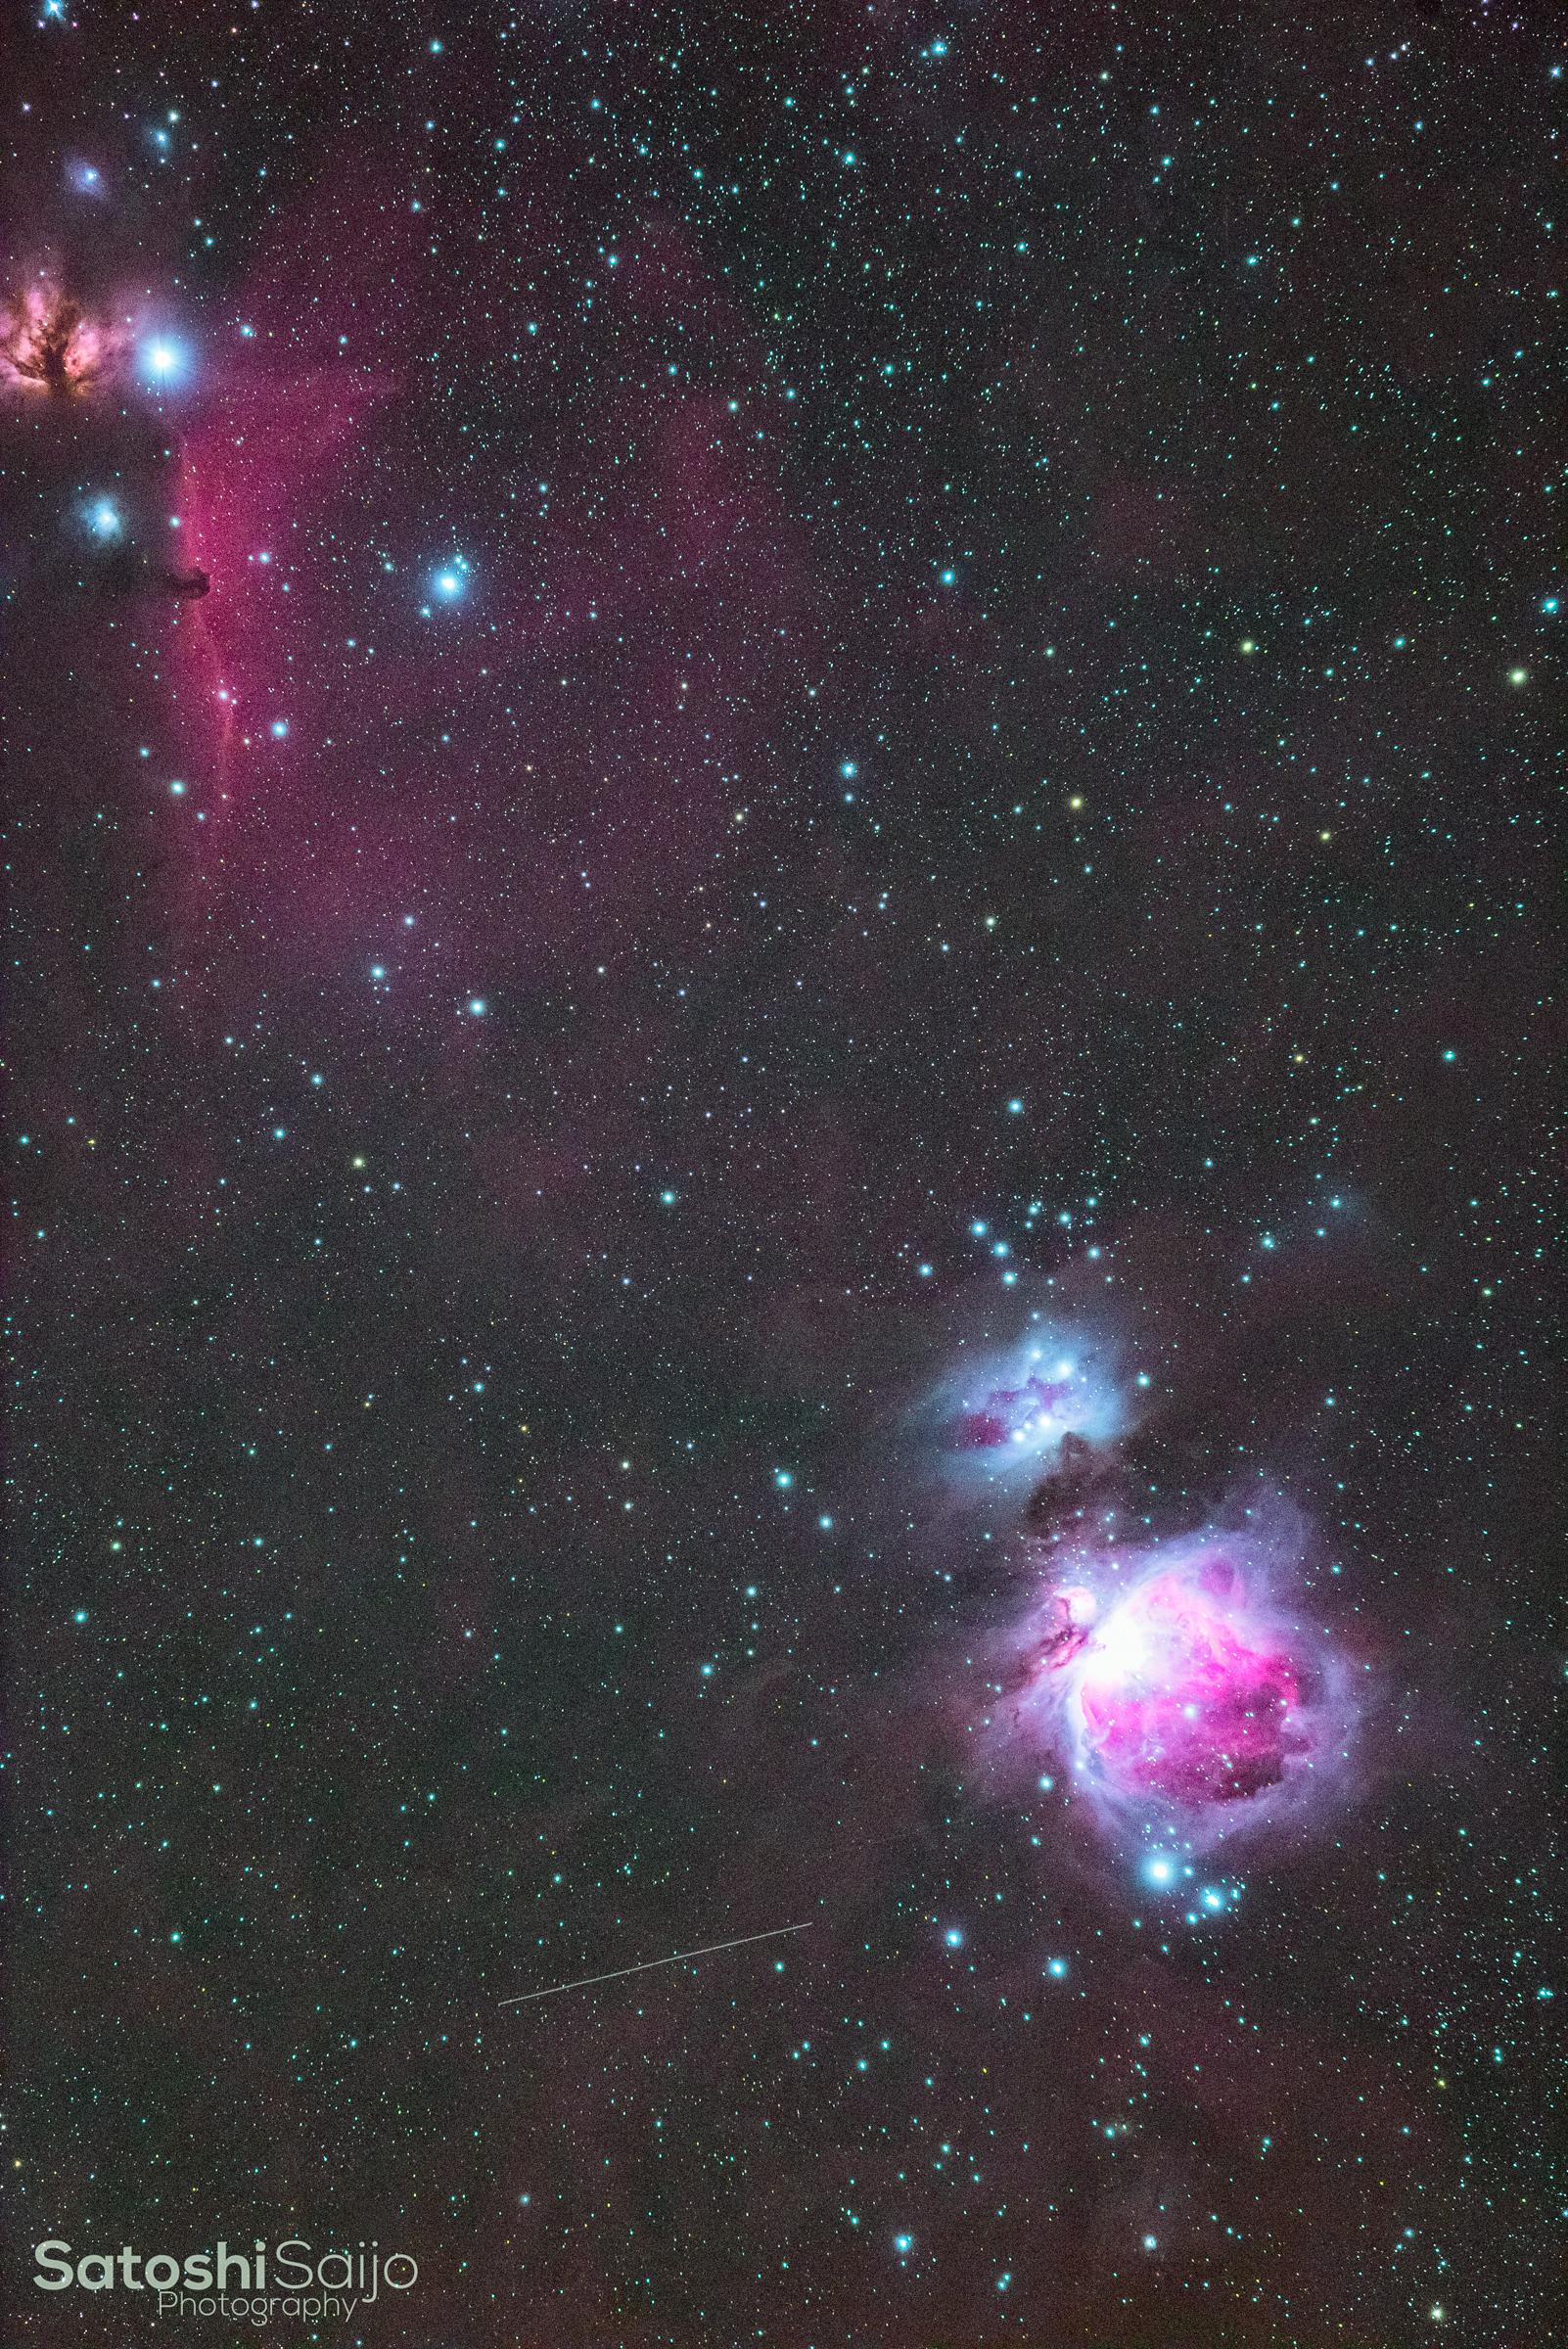 馬頭星雲〜M42オリオン大星雲